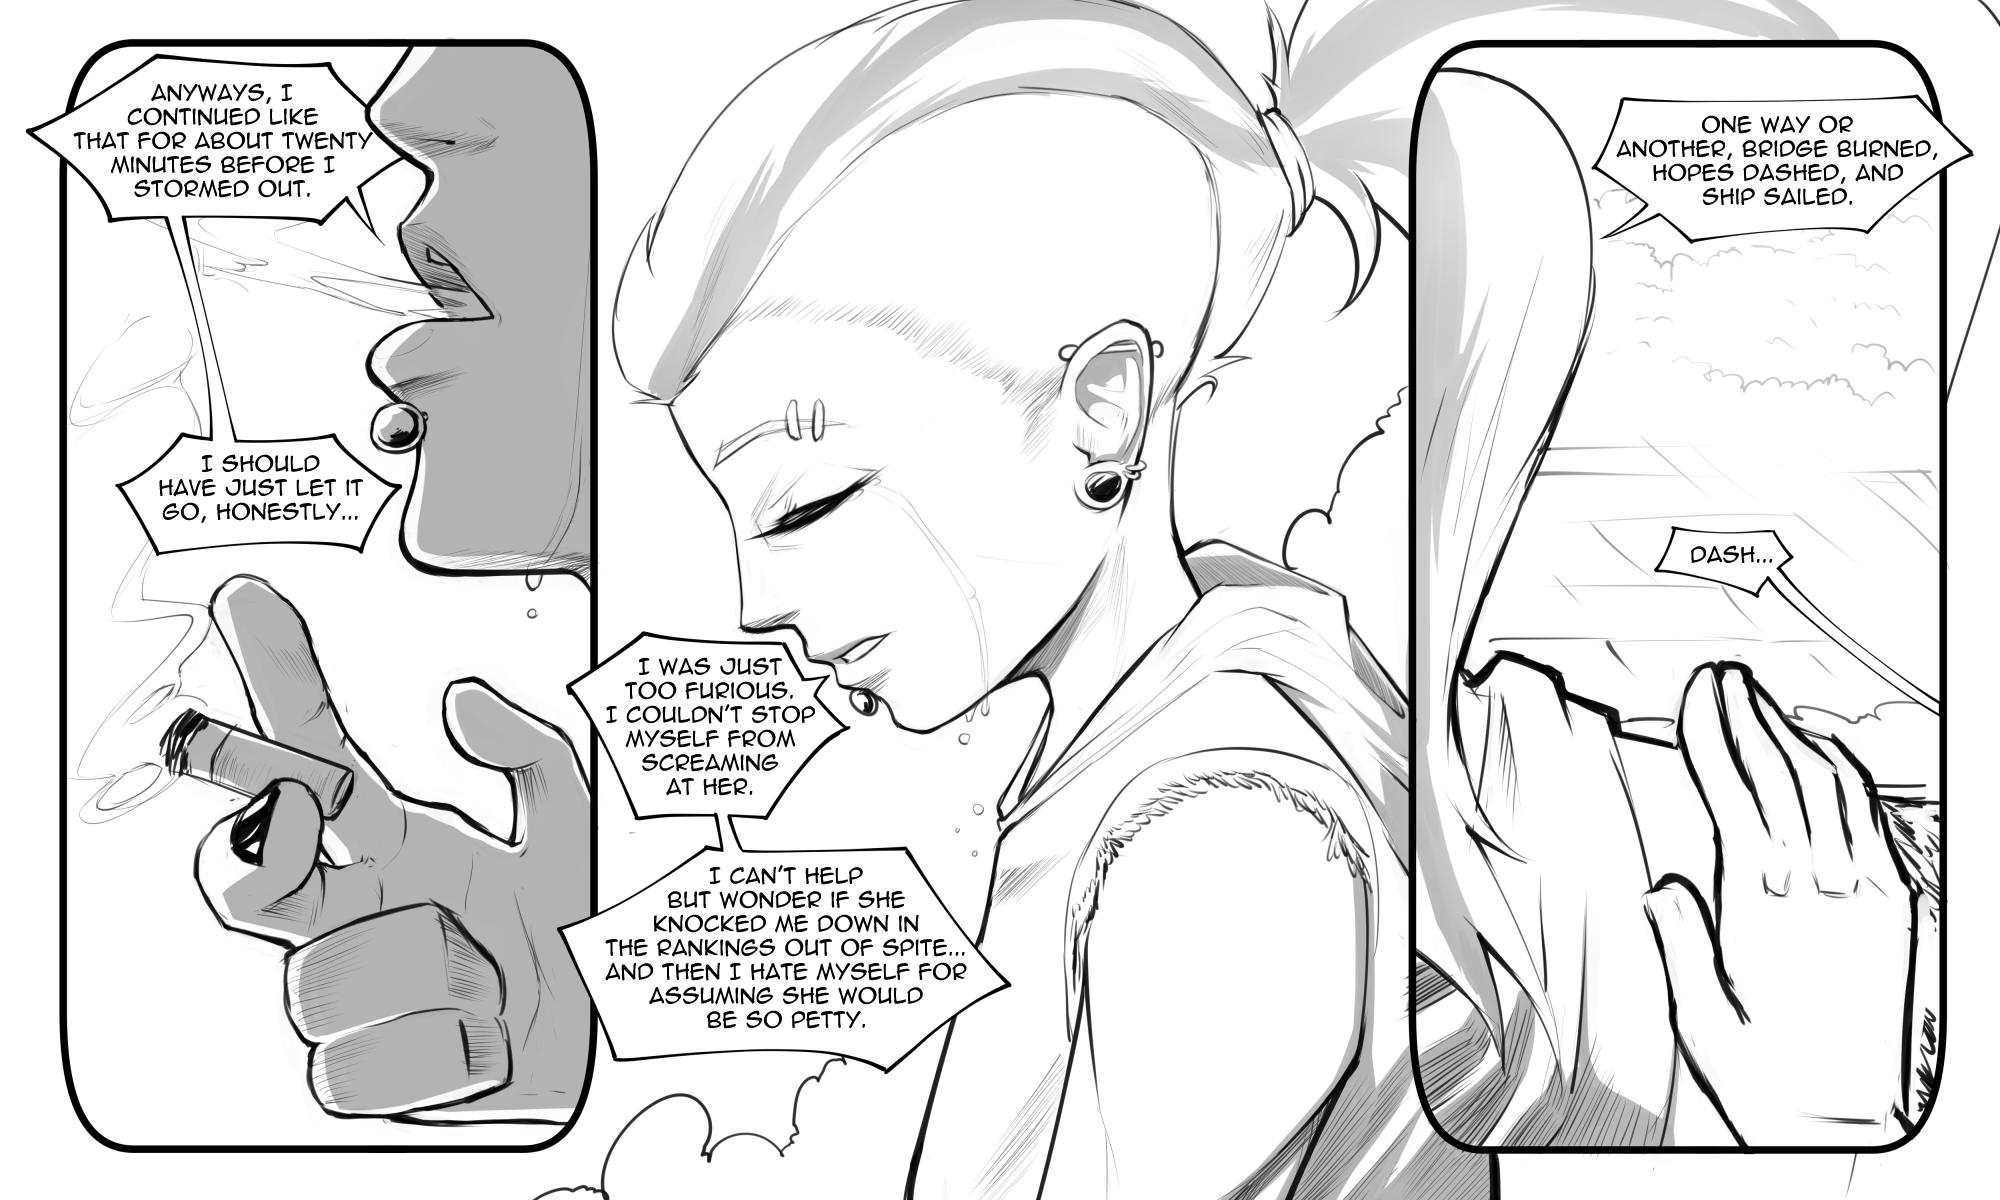 Bakuhaku 1061140 - artist:bakuhaku, cigarette, comic, comic:drop out